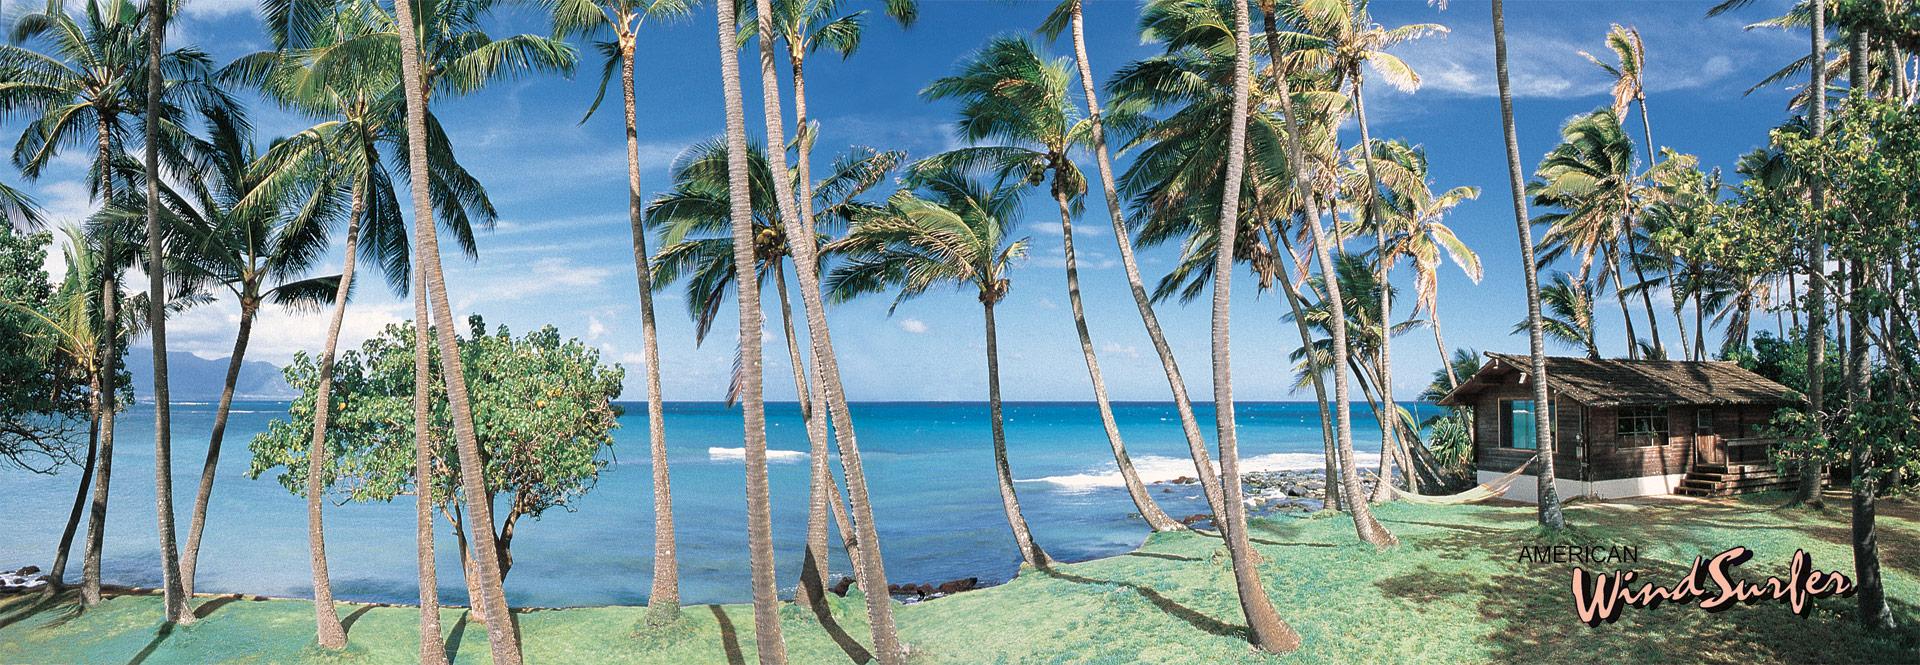 Beachside resort on Maui, Hawaii